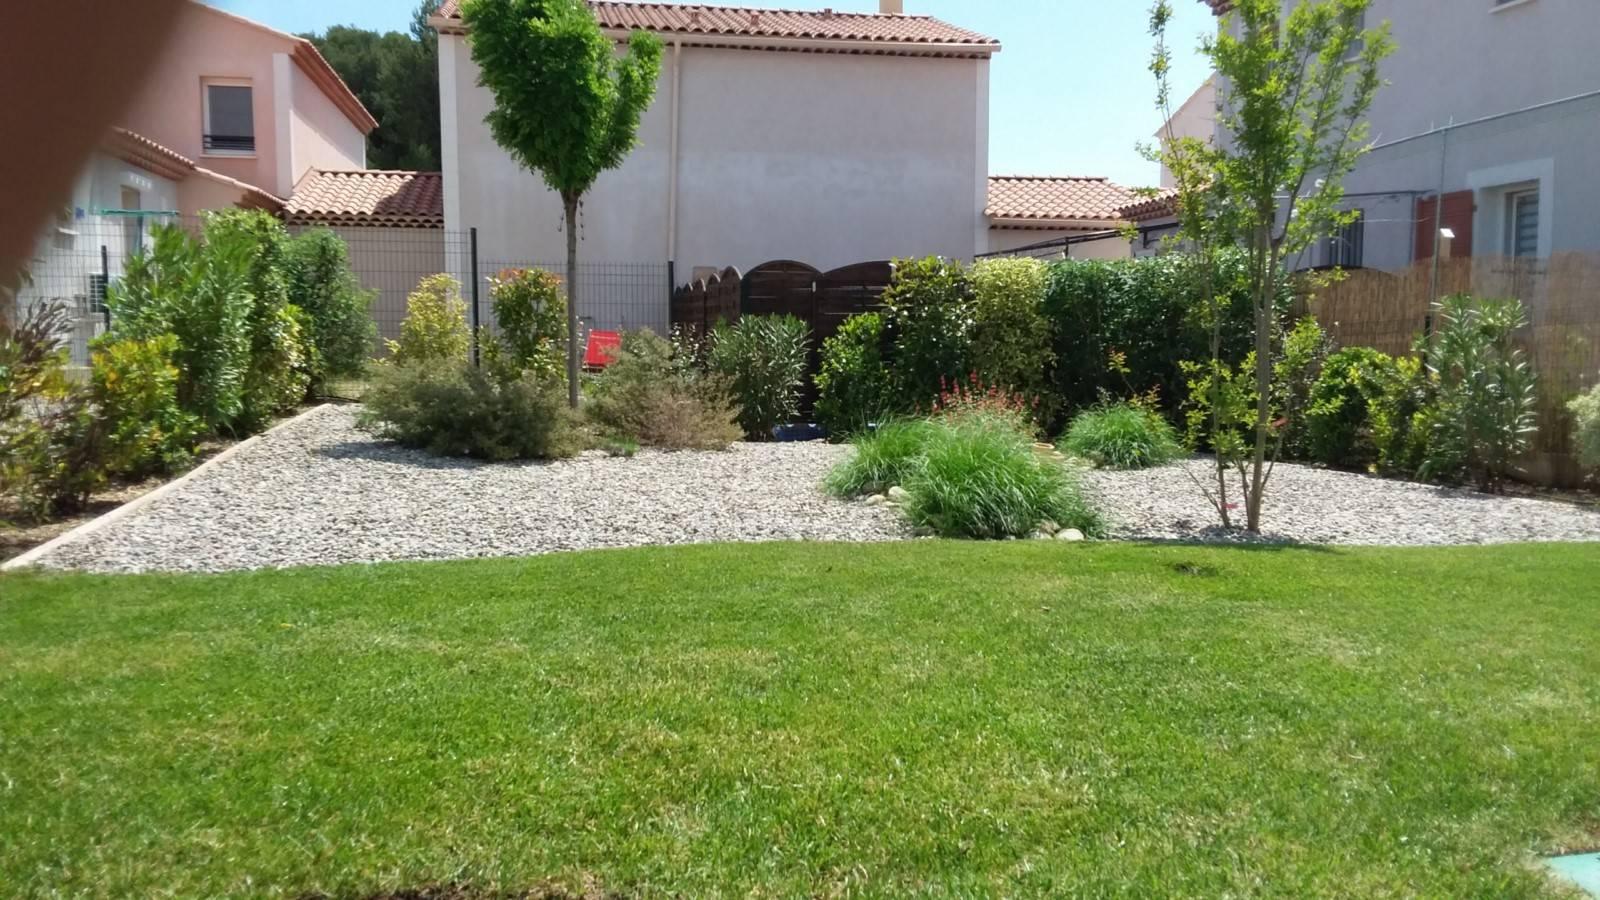 Photo Petit Jardin Exotique aménagement d'un petit jardin méditerranéen devant une